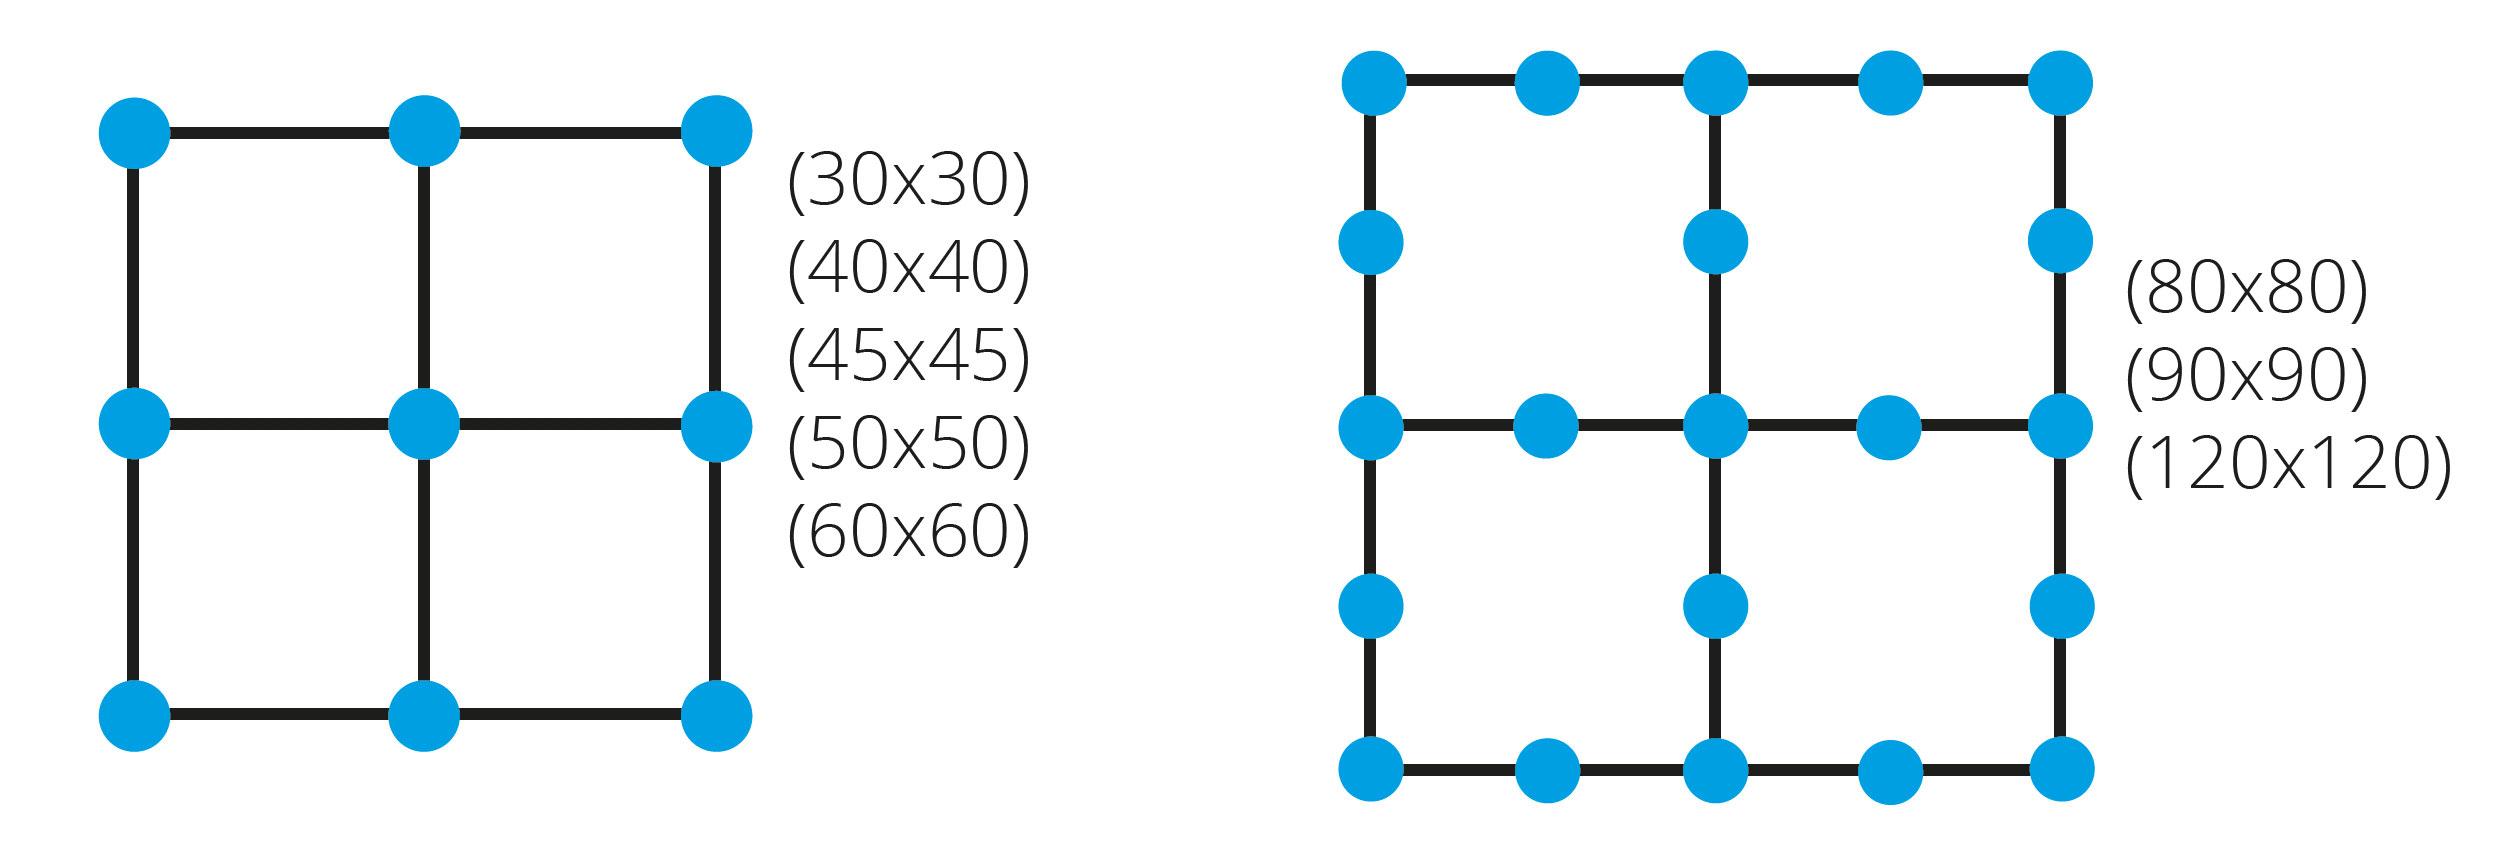 Proleveling system verdeling vierkante tegels